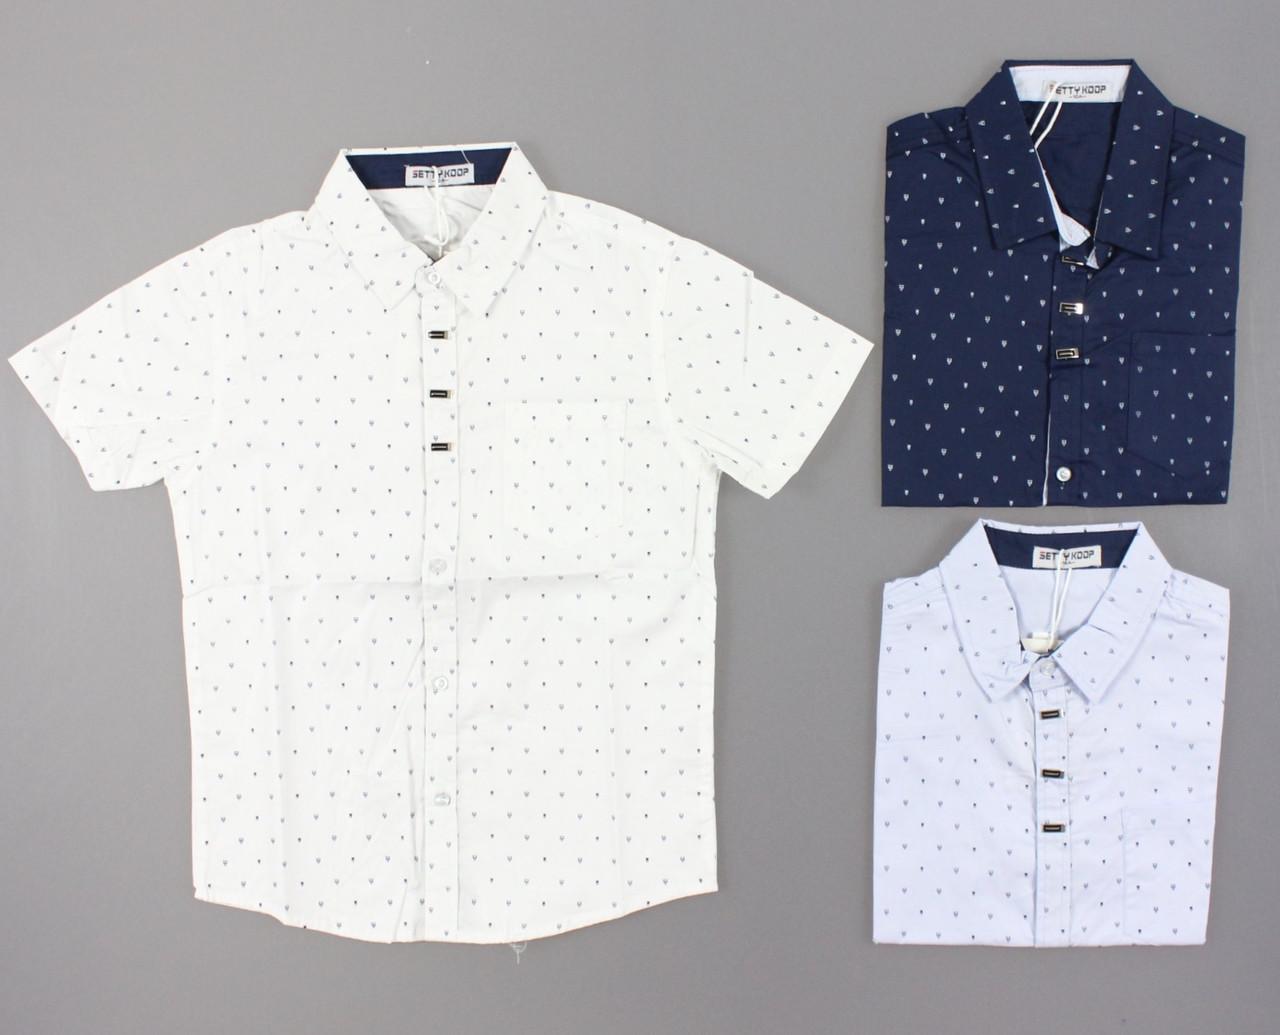 {есть:8 лет} Рубашка для мальчиков Setty Koop, Артикул: CA009 [8 лет]